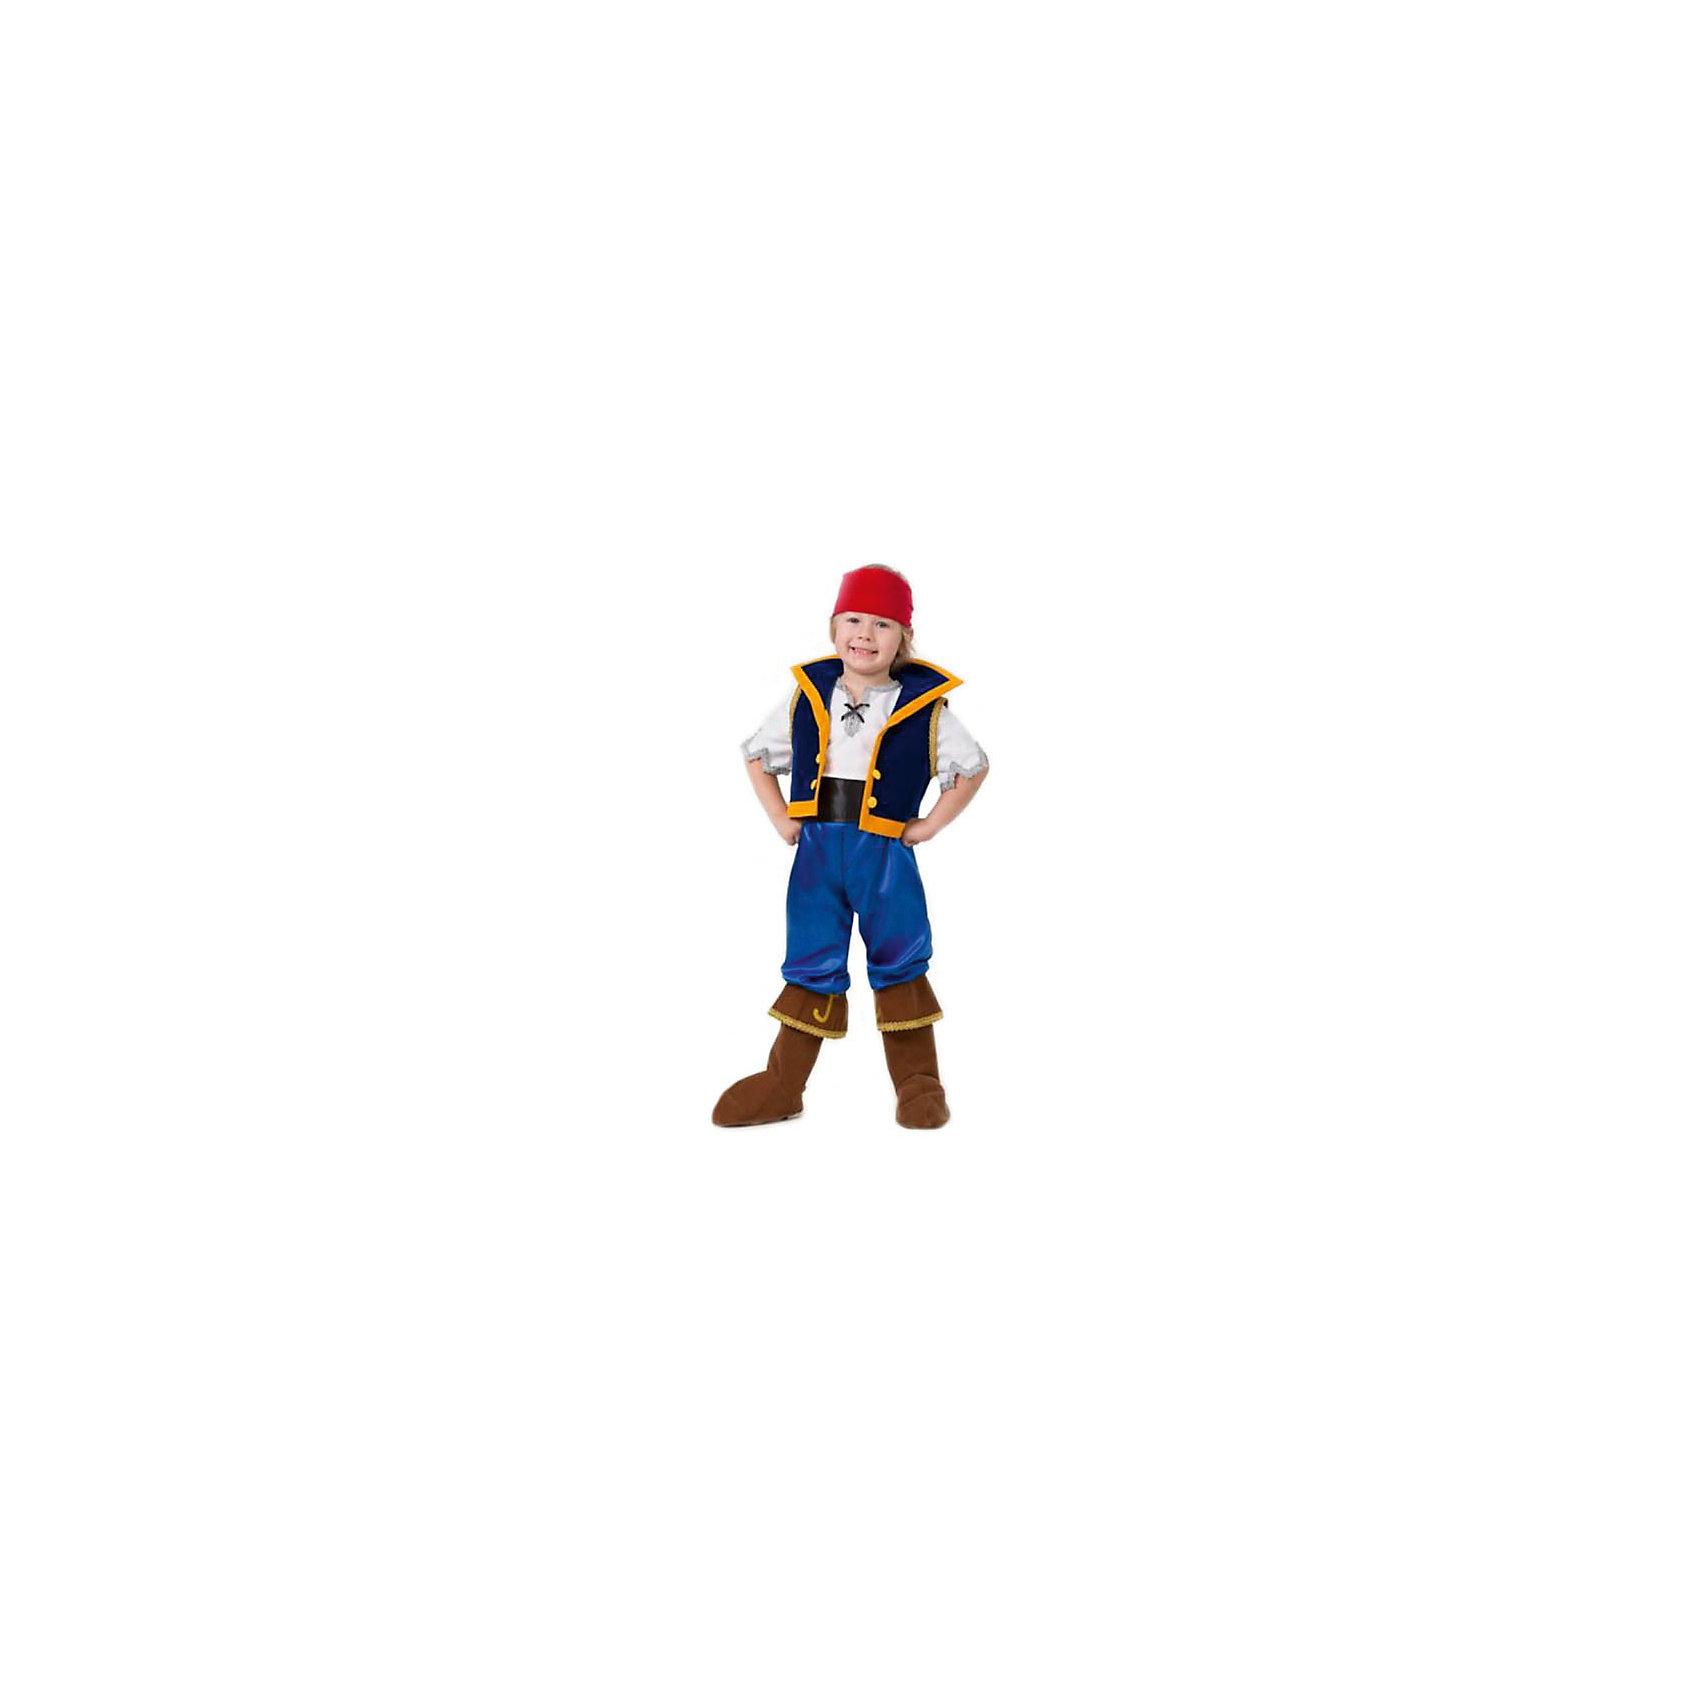 Карнавальный костюм Джейк, БатикМаски и карнавальные костюмы<br>Карнавальный костюм Джейк, Батик<br><br>Характеристики:<br><br>• Материал: сатин, бархат,  100% полиэстер.<br>• Цвет: белый, красный, синий.<br><br>В комплекте:<br><br>• рубаха;<br>• жилет;<br>• штаны с сапогами;<br>• пояс;<br>• бандана. <br><br>Детский карнавальный костюм Джейк из захватывающего приключенческого мультфильма Джейк и Пираты Нетландии. В комплект этого карнавального костюма входит белая рубаха с серебряной тесьмой по краям рукавов и по краю горловины, жилет темно-синего цвета с ярко-желтыми большими пуговицами, ярко-синие брюки с коричневыми сапогами, широкий черный пояс и красная бандана. Такой костюм можно использовать на новогодних утренниках, а также как театральный костюм. В таком костюме «Джейка» ваш мальчик получит максимальное удовольствие от праздника и подарит радость окружающим!<br><br>Карнавальный костюм Джейк, Батик можно купить в нашем интернет – магазине.<br><br>Ширина мм: 500<br>Глубина мм: 50<br>Высота мм: 700<br>Вес г: 600<br>Цвет: разноцветный<br>Возраст от месяцев: 48<br>Возраст до месяцев: 60<br>Пол: Мужской<br>Возраст: Детский<br>Размер: 28,30,26<br>SKU: 5092588